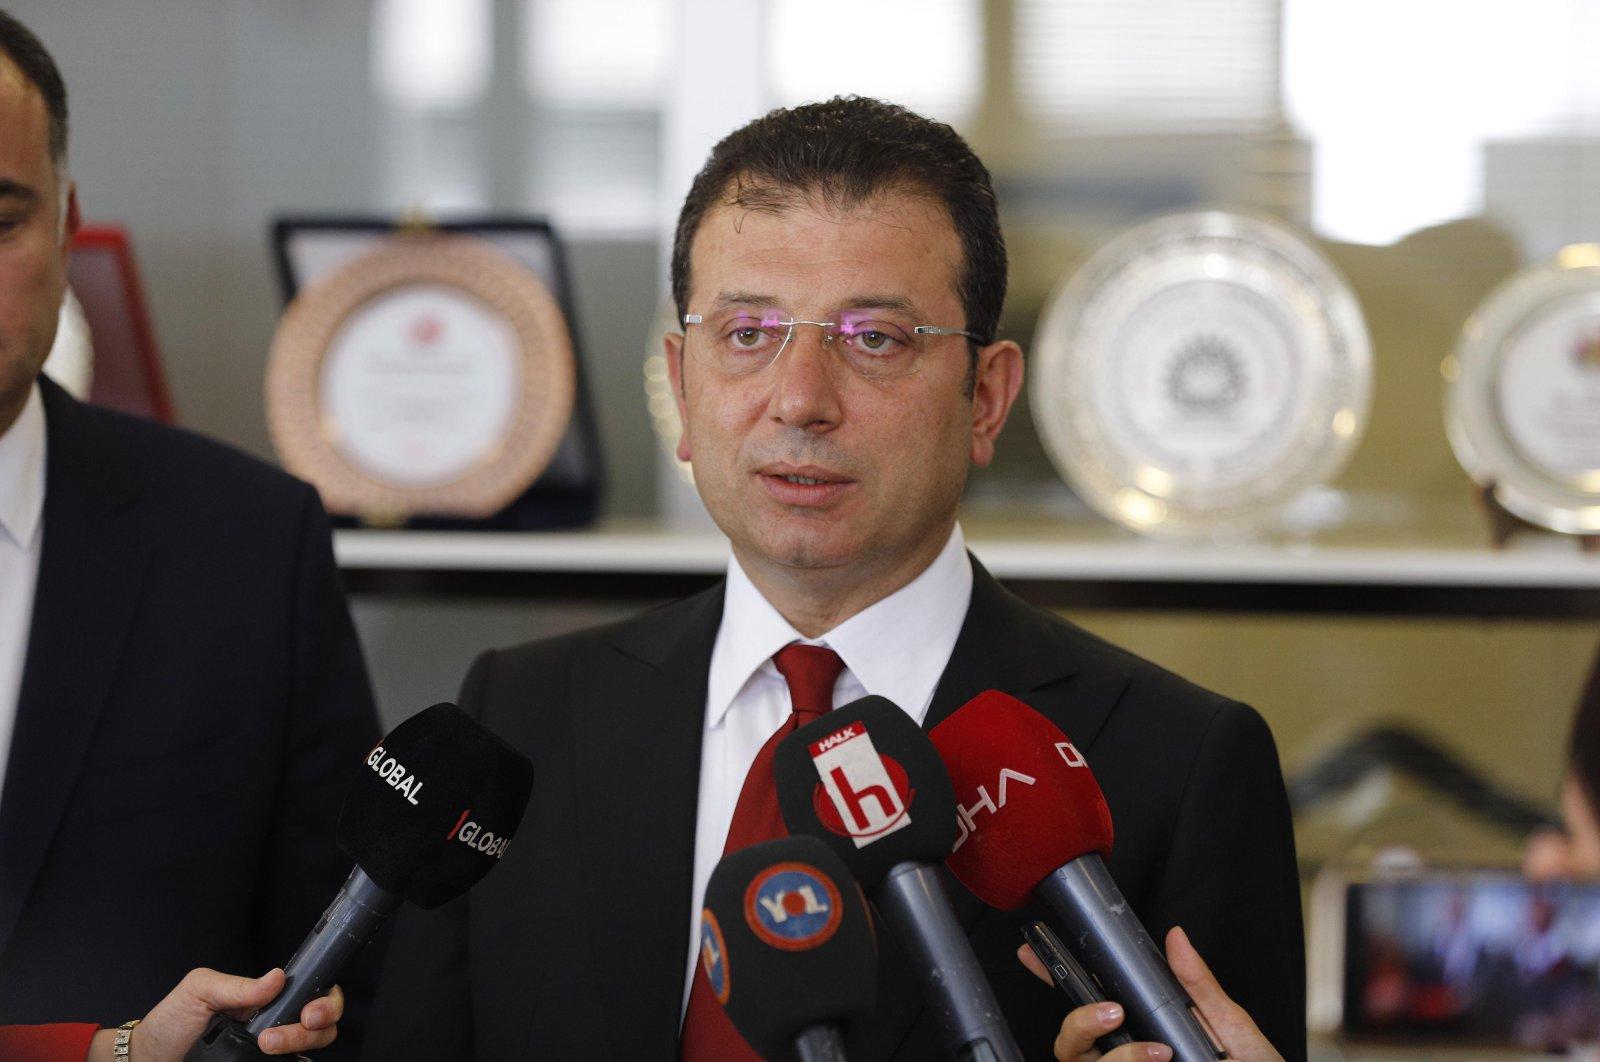 IBB Mayor Ekrem Imamoğlu responds to reporters' questions in Ankara, Turkey, July 24, 2020. (DHA Photo)